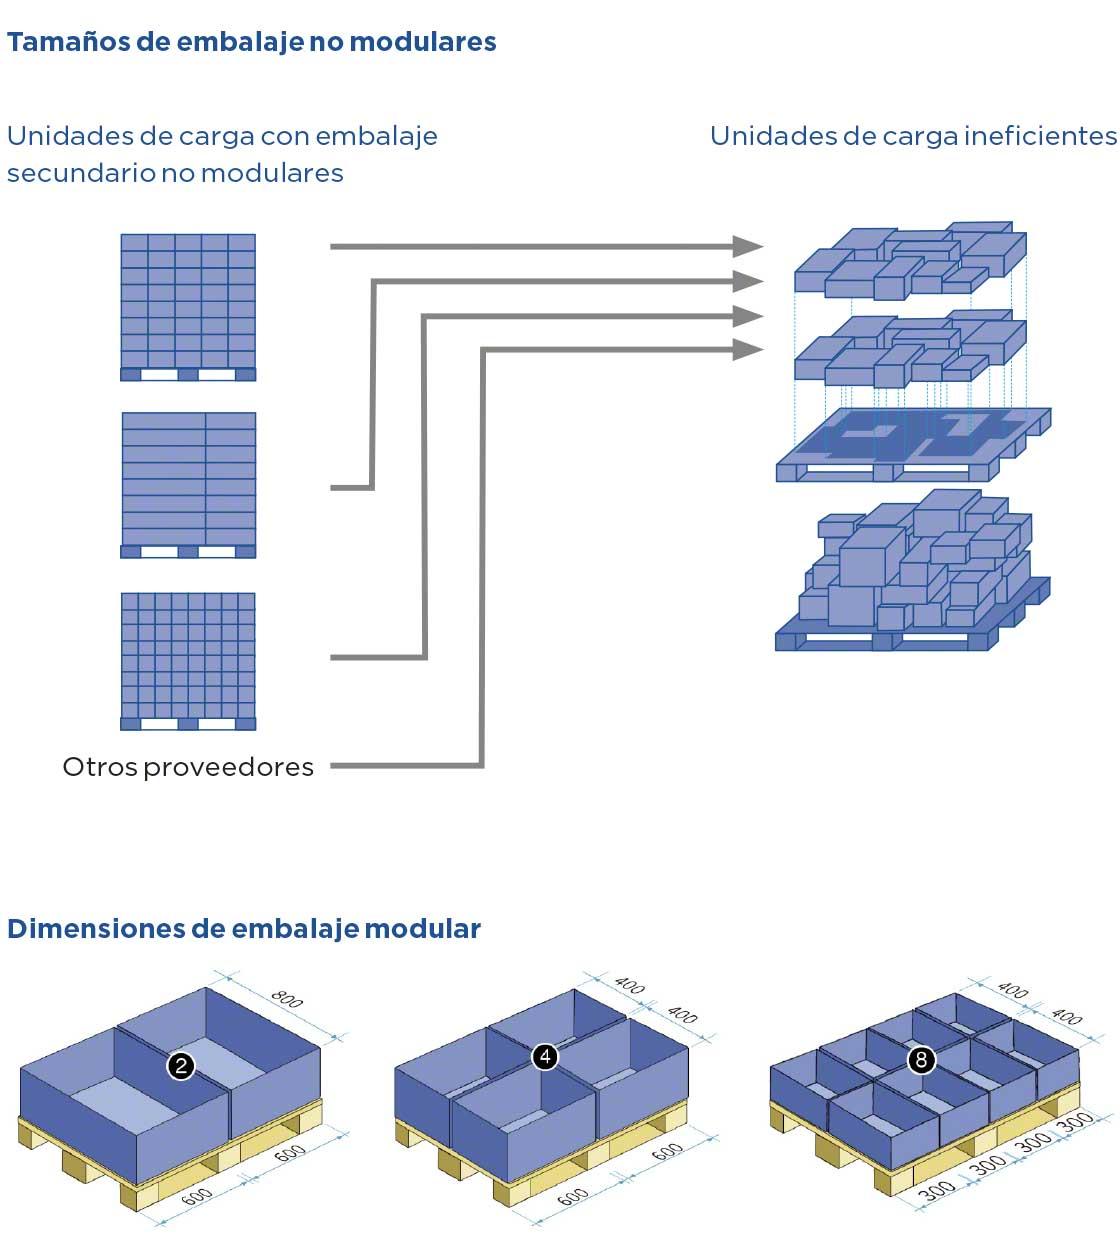 Ejemplos de unidades de carga eficientes e ineficientes